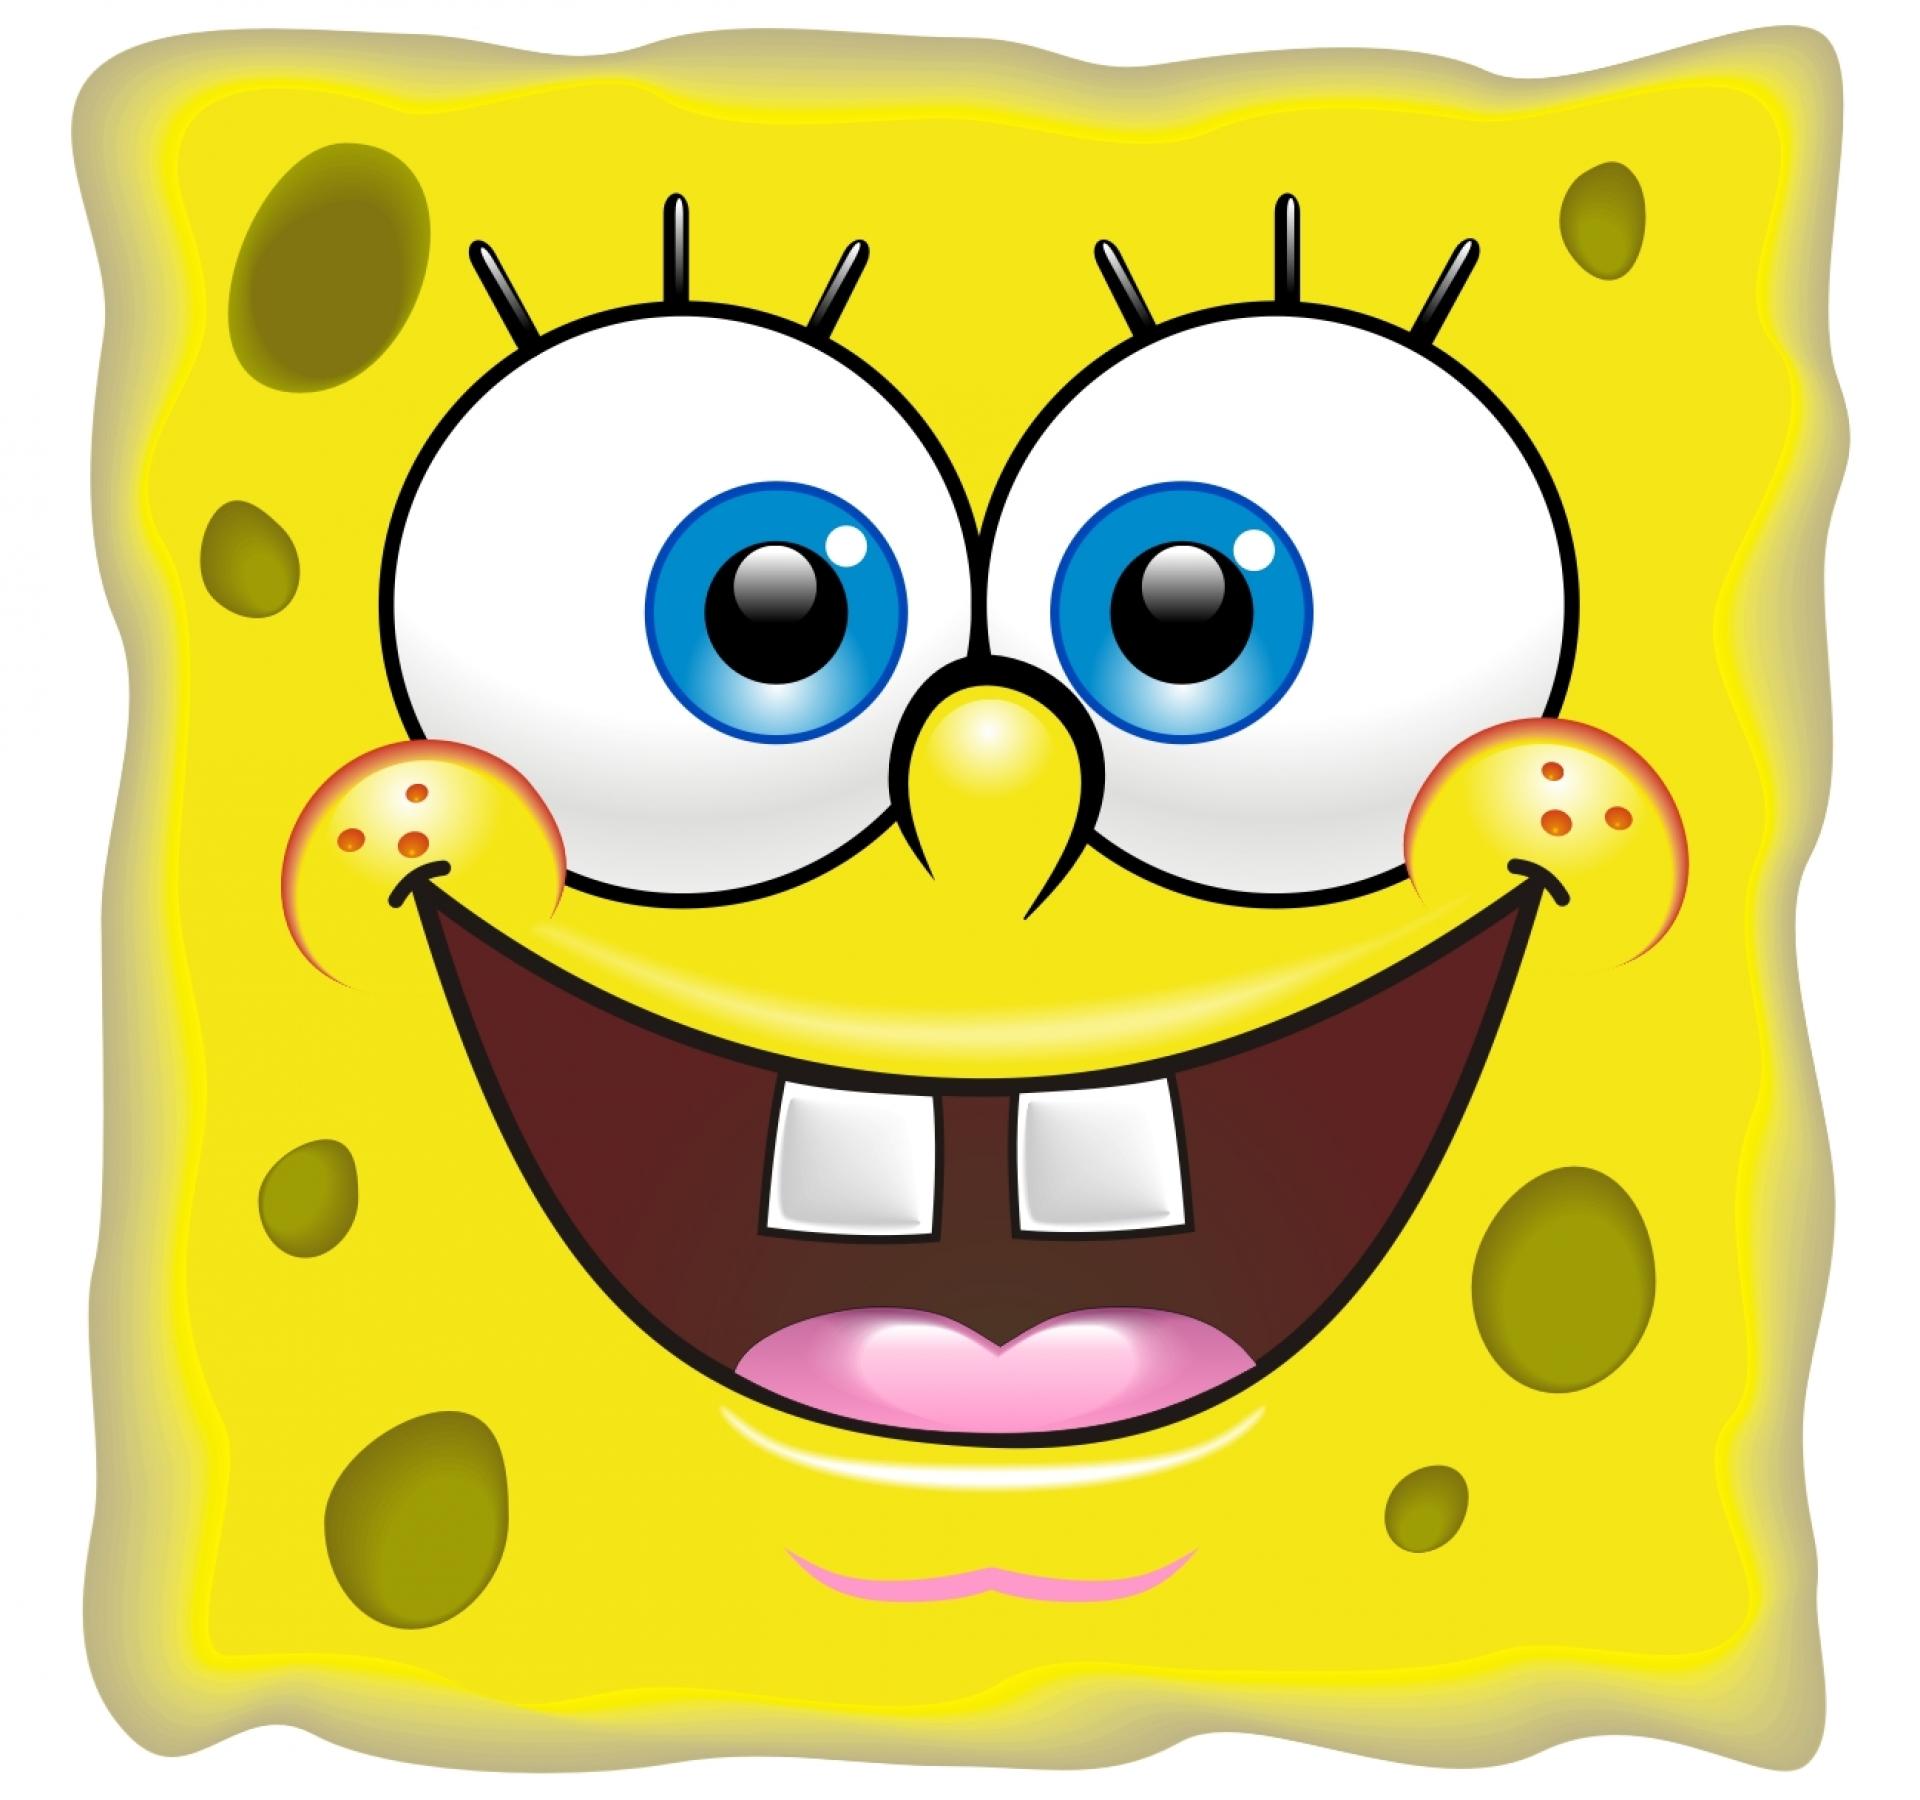 spongebob squarepants clip art cliparts co